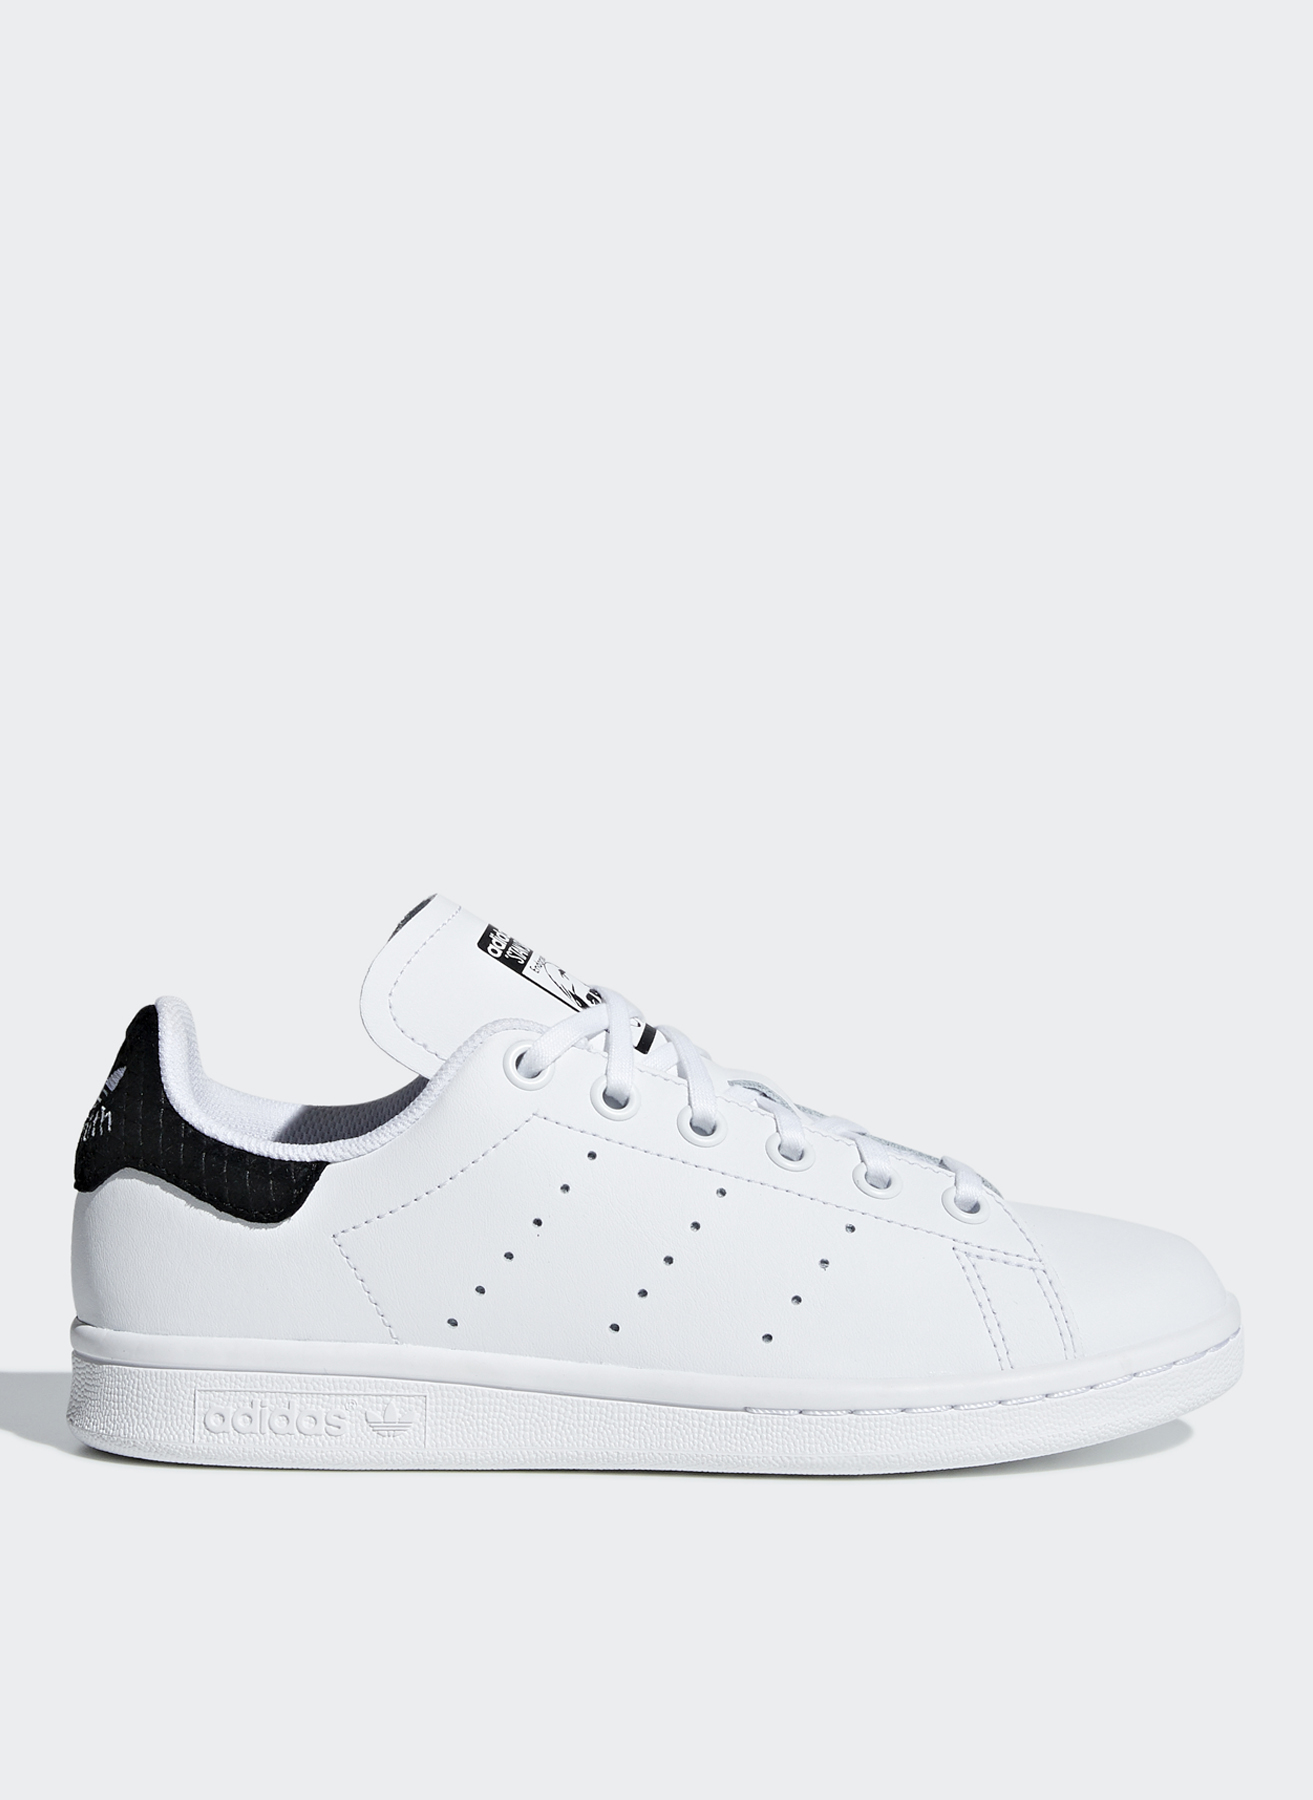 ec6da5241eeff 36 Erkek Beyaz adidas Yürüyüş Ayakkabısı 5002356107001 & Çanta Çocuk  Ayakkabıları Antrenman